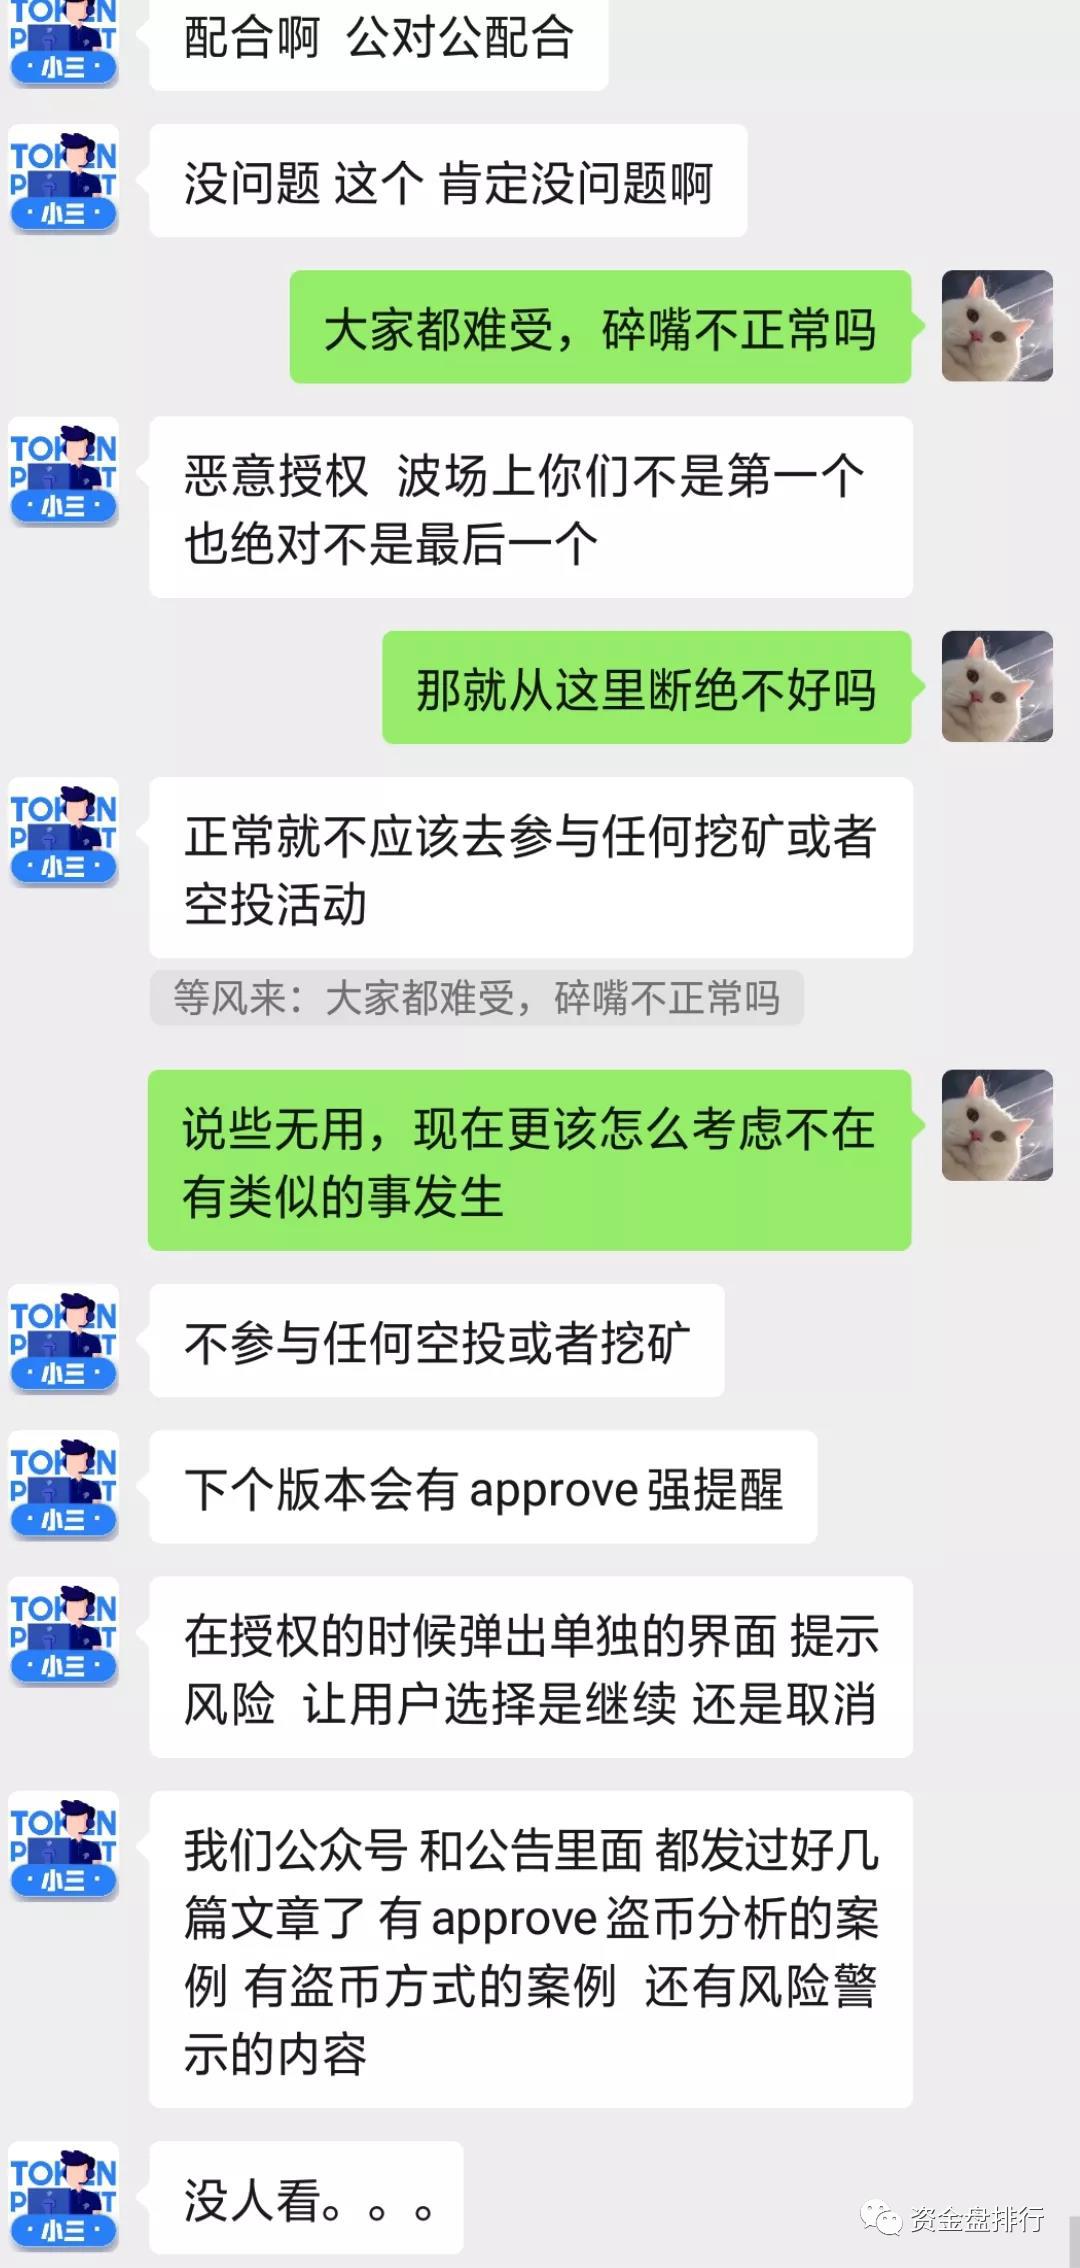 """【惊天大案】""""TP钱包""""用户被盗13亿,监守自盗还是另有其因!!!插图10"""